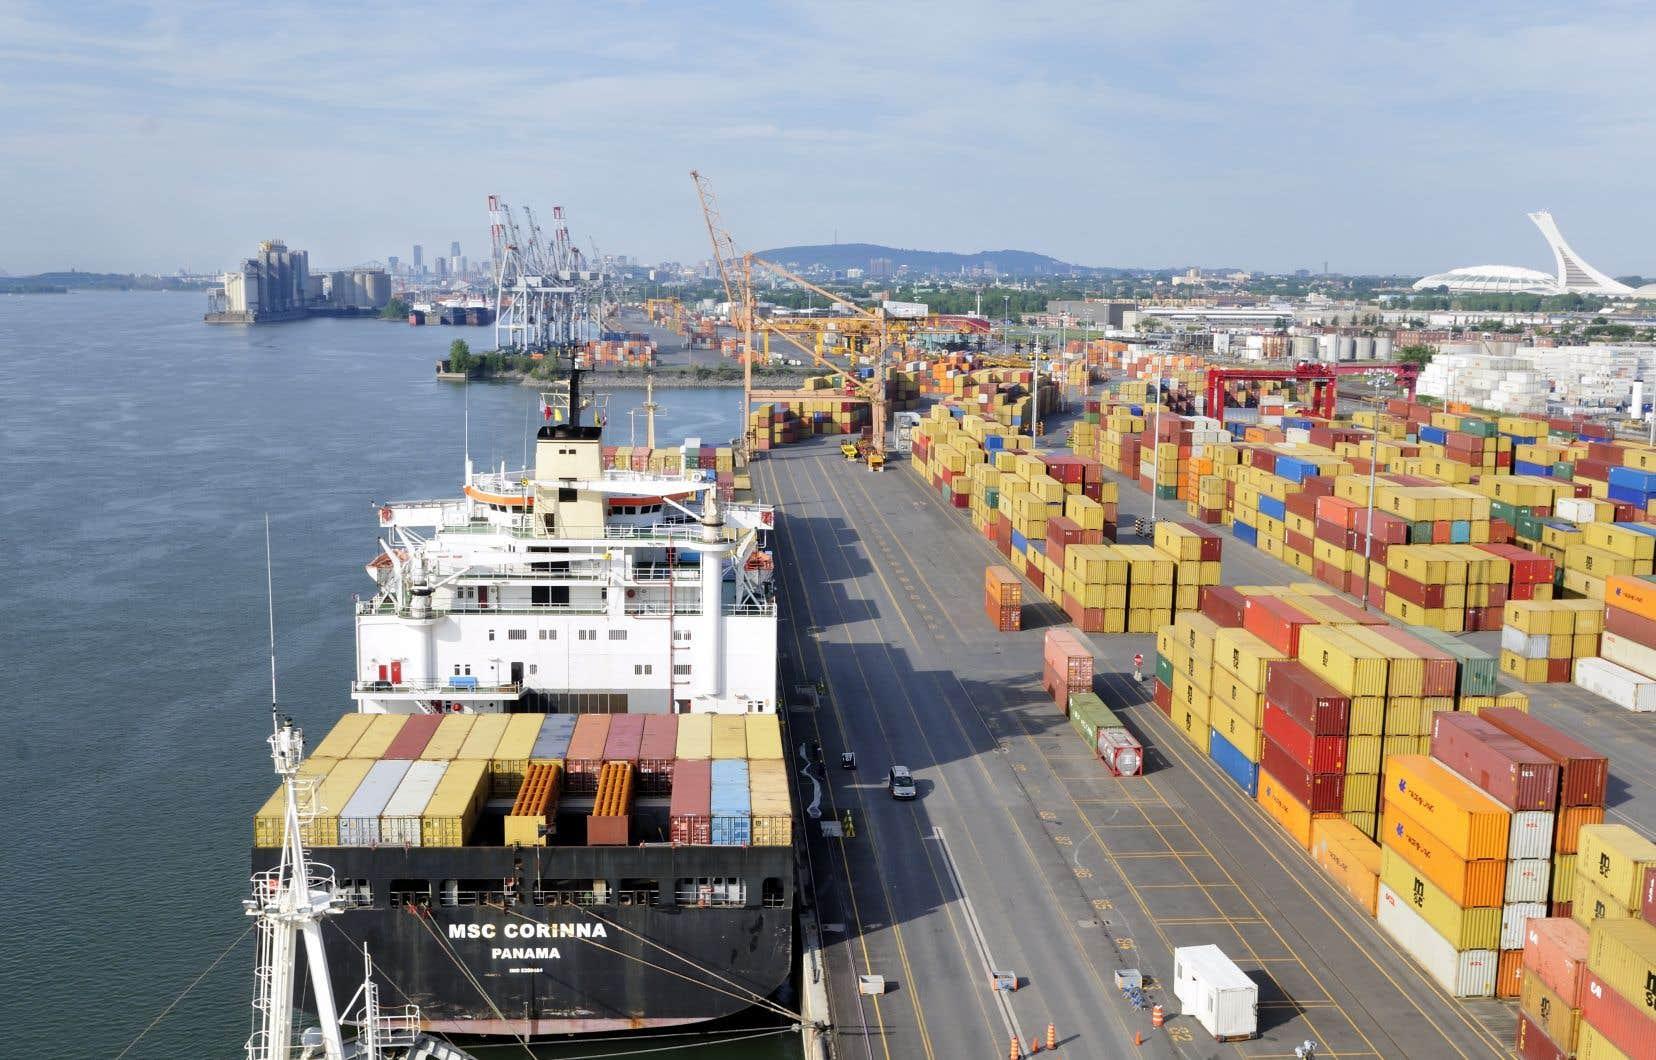 Le syndicat des débardeurs a affirmé dans un communiqué avoir fermé le port parce que des conditions salariales ont été modifiées mercredi dernier et qu'il a constaté «un lock-out technique» depuis une semaine lorsque plusieurs navires ont été détournés vers d'autres ports, ce qui retirait du travail aux syndiqués.